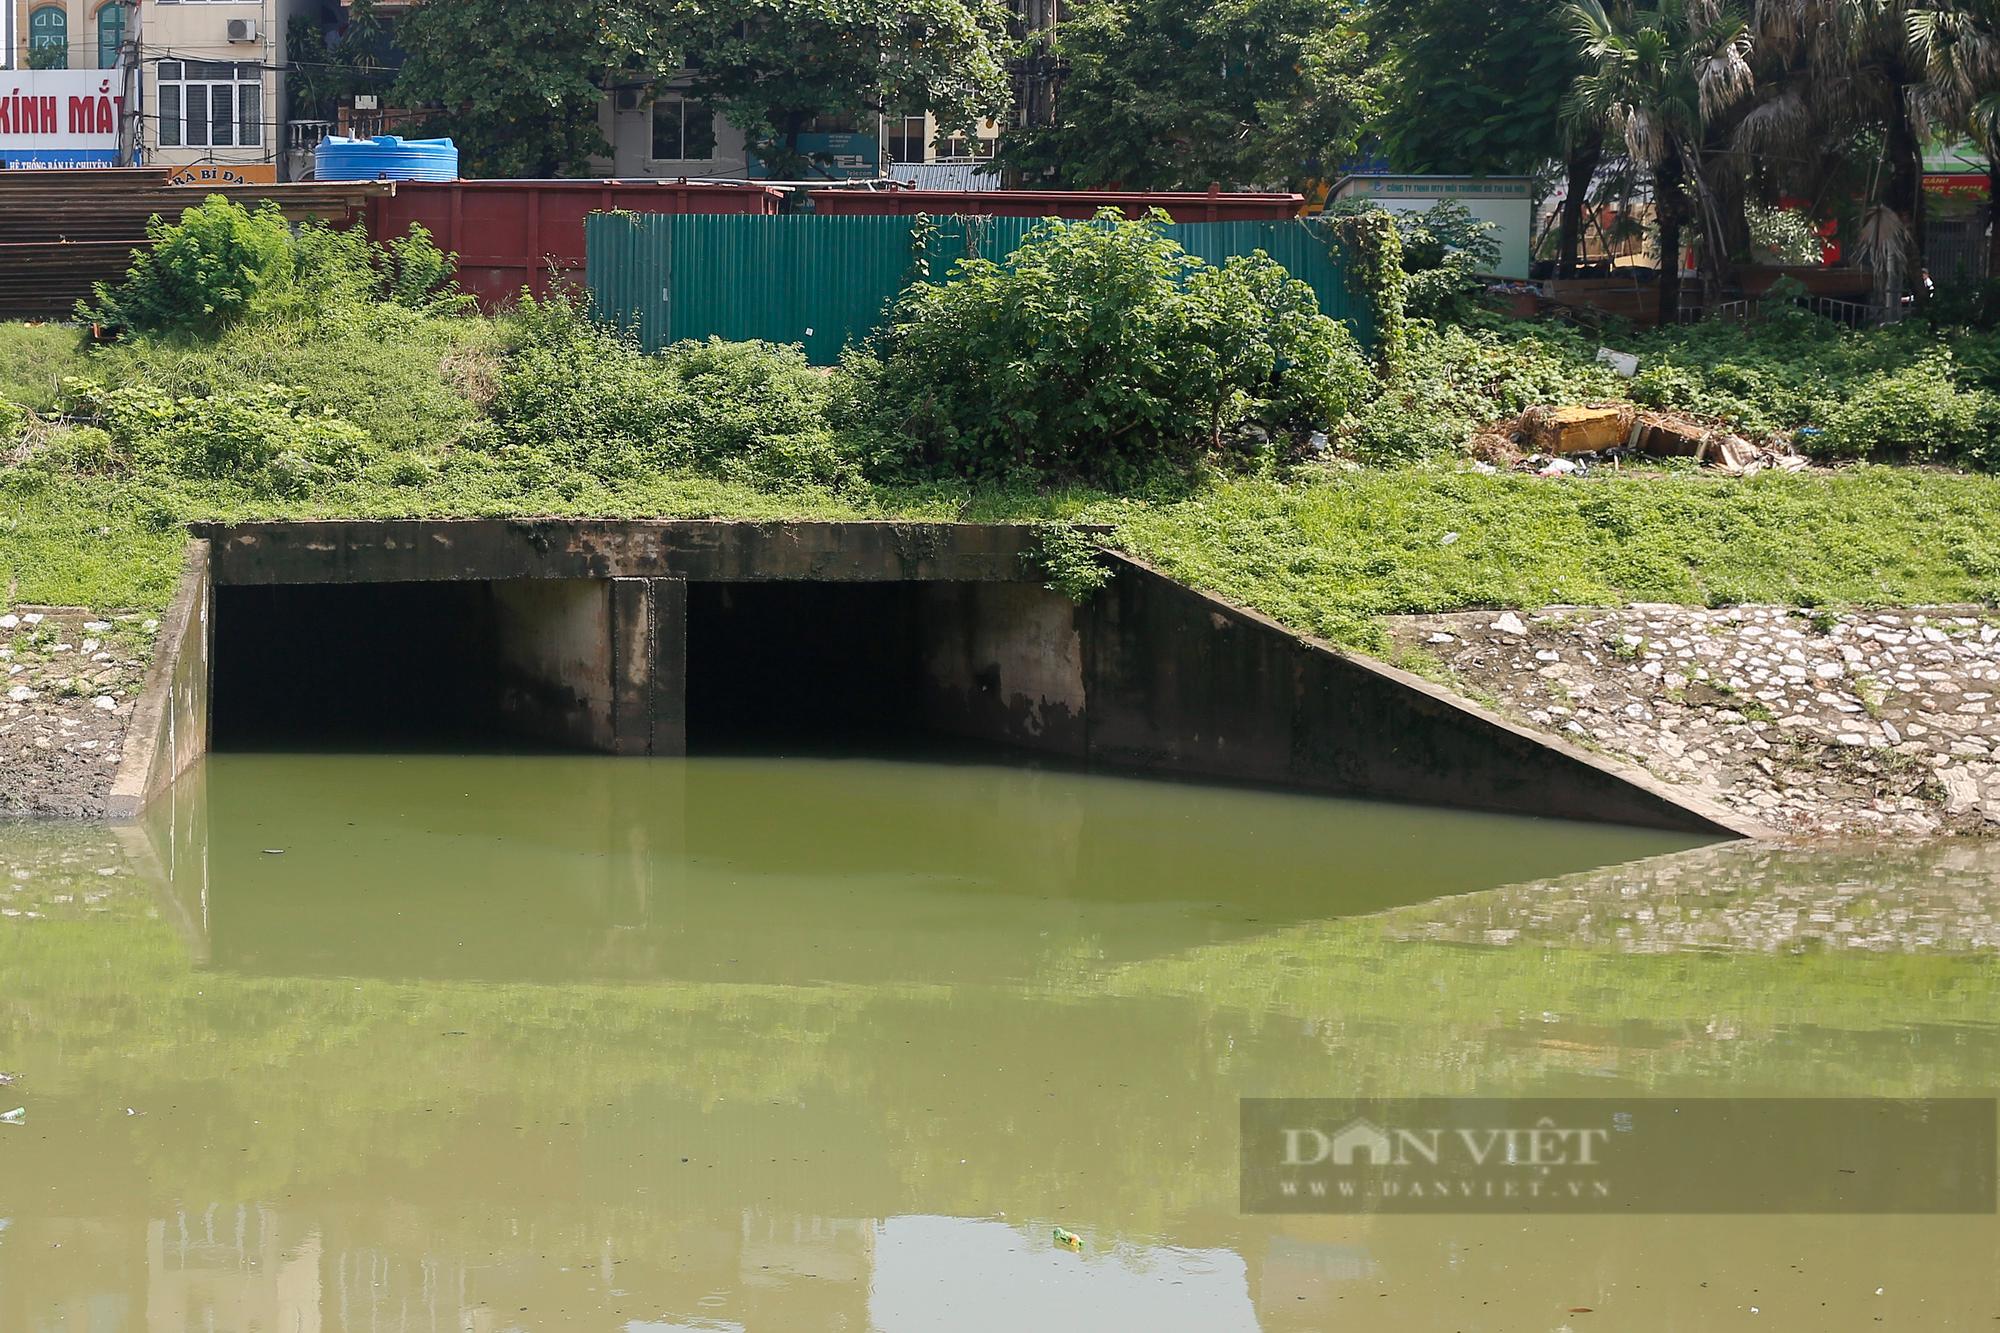 Vẻ đẹp khác lạ của con sông ô nhiễm nhất Hà Nội sau khi đổi màu nước - Ảnh 3.